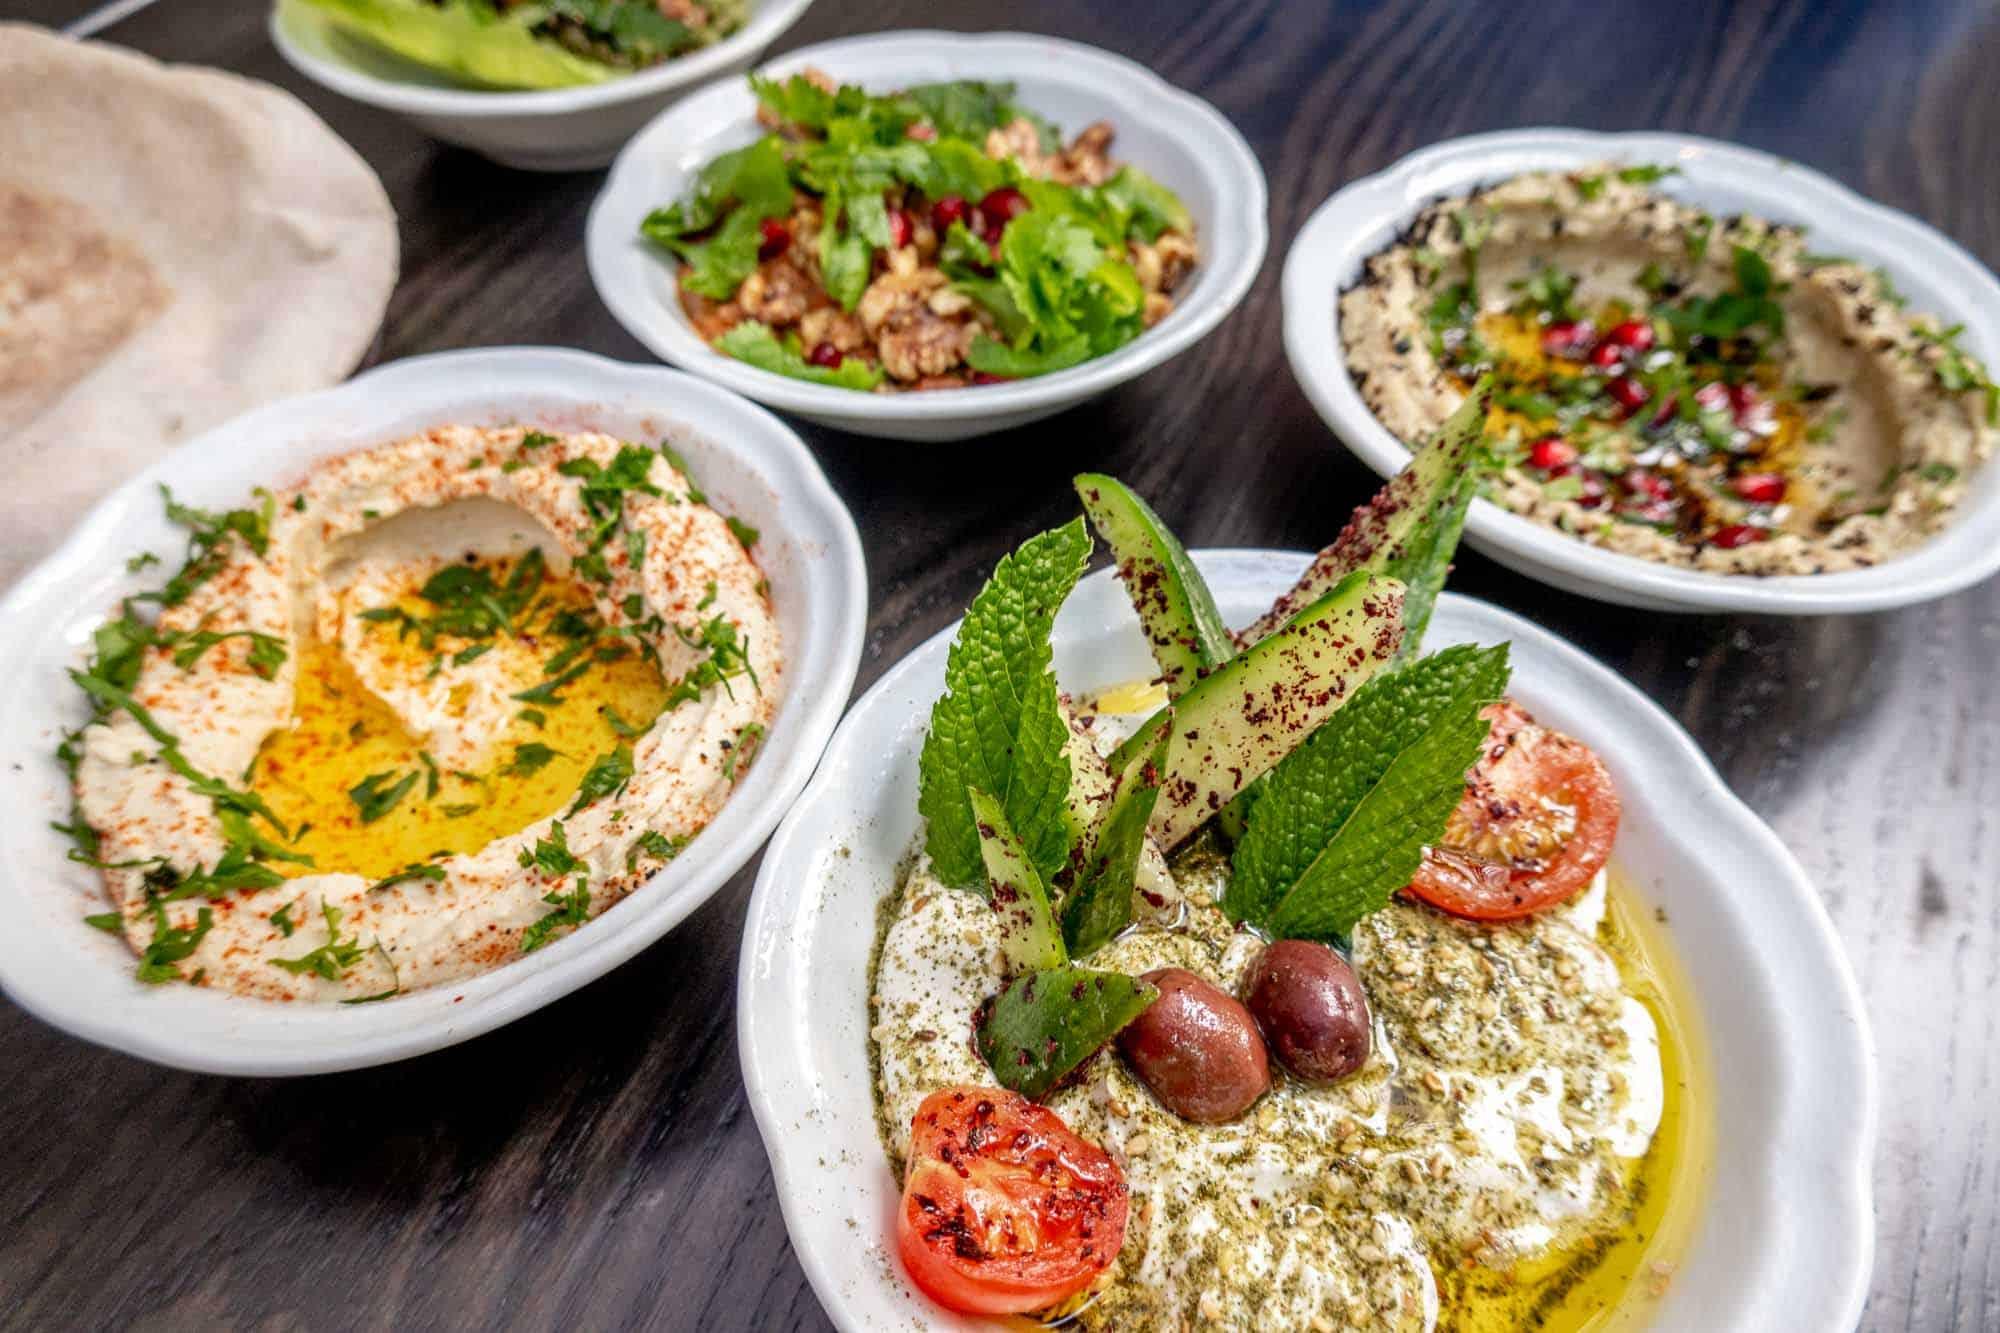 Mezze appetizers in small bowls